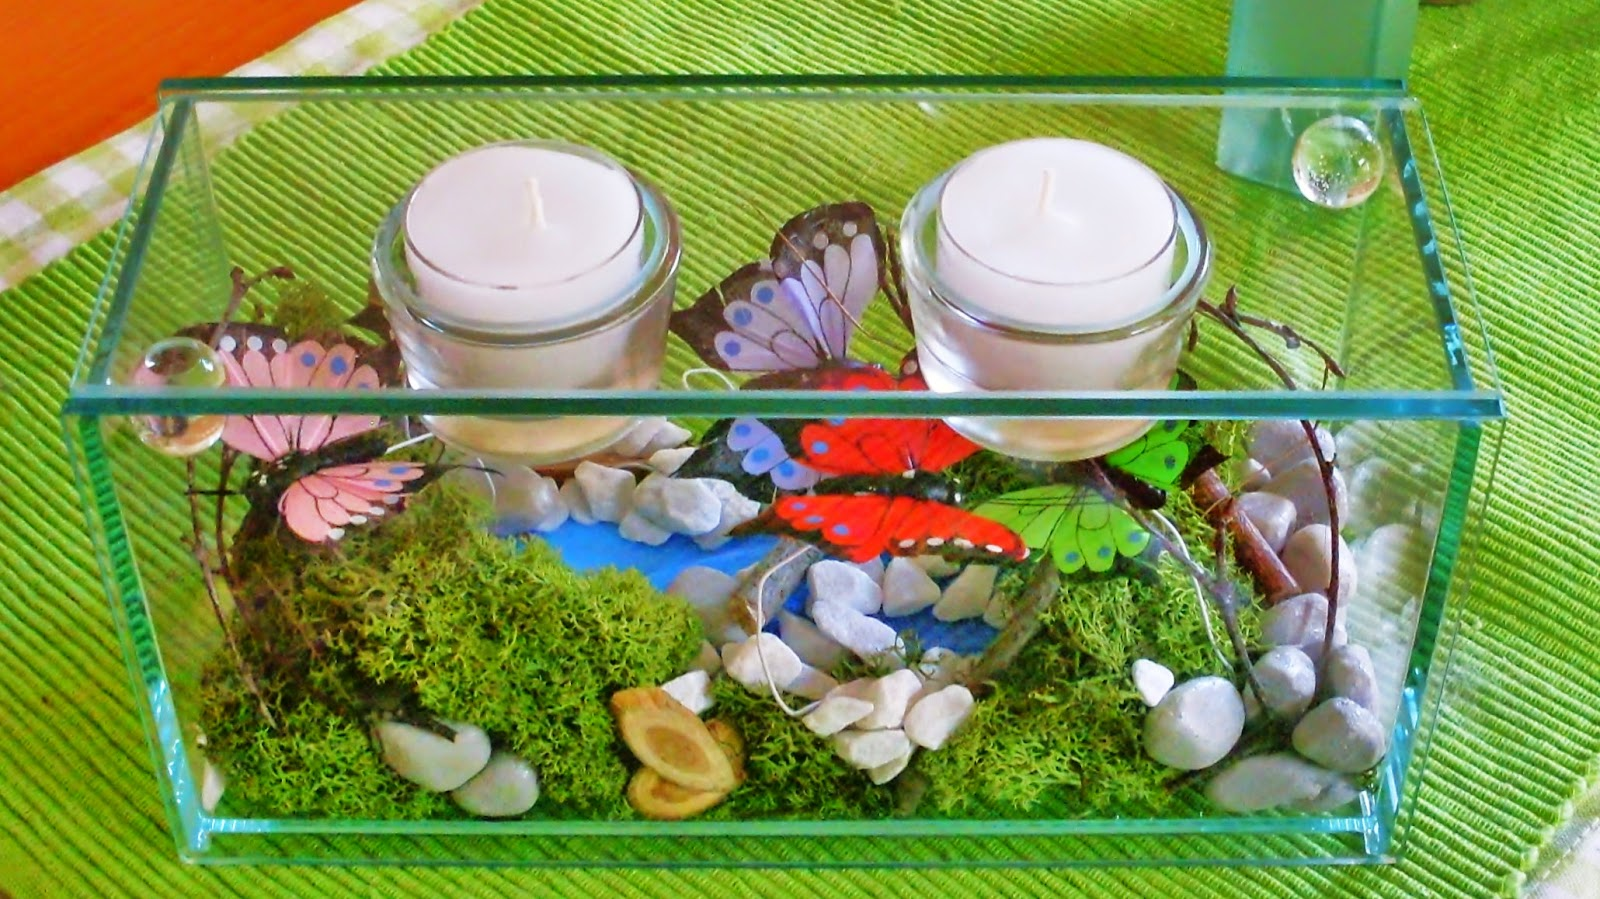 Teelichthalter mit Miniaturlandschaft